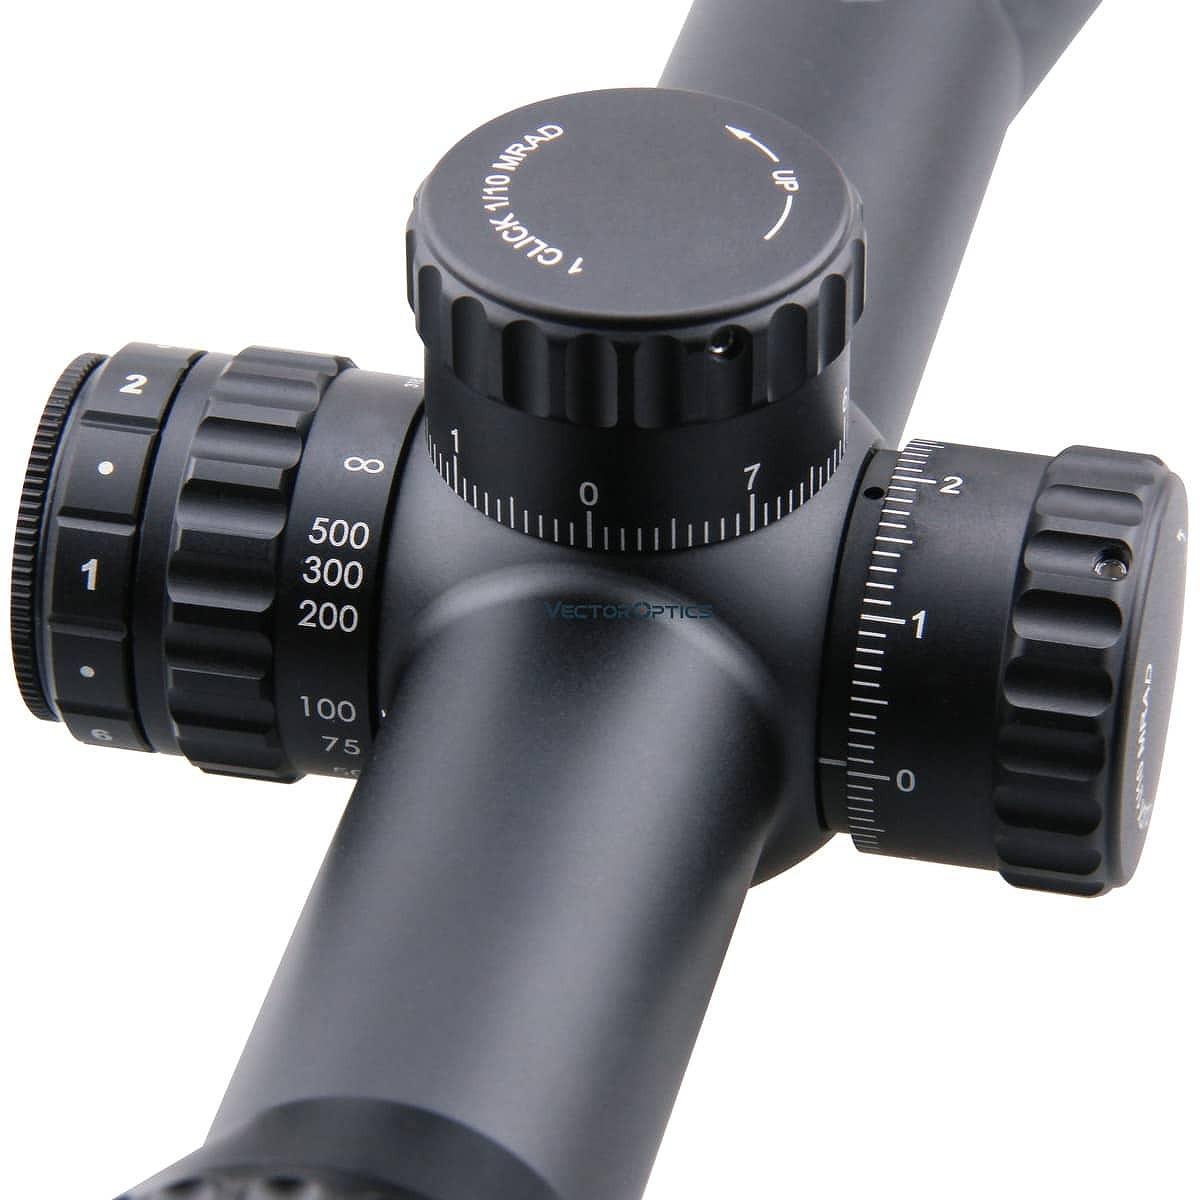 ベクターオプティクス ライフルスコープ Continental 3-18x50 Tactical  Vector Optics SCOL-21T